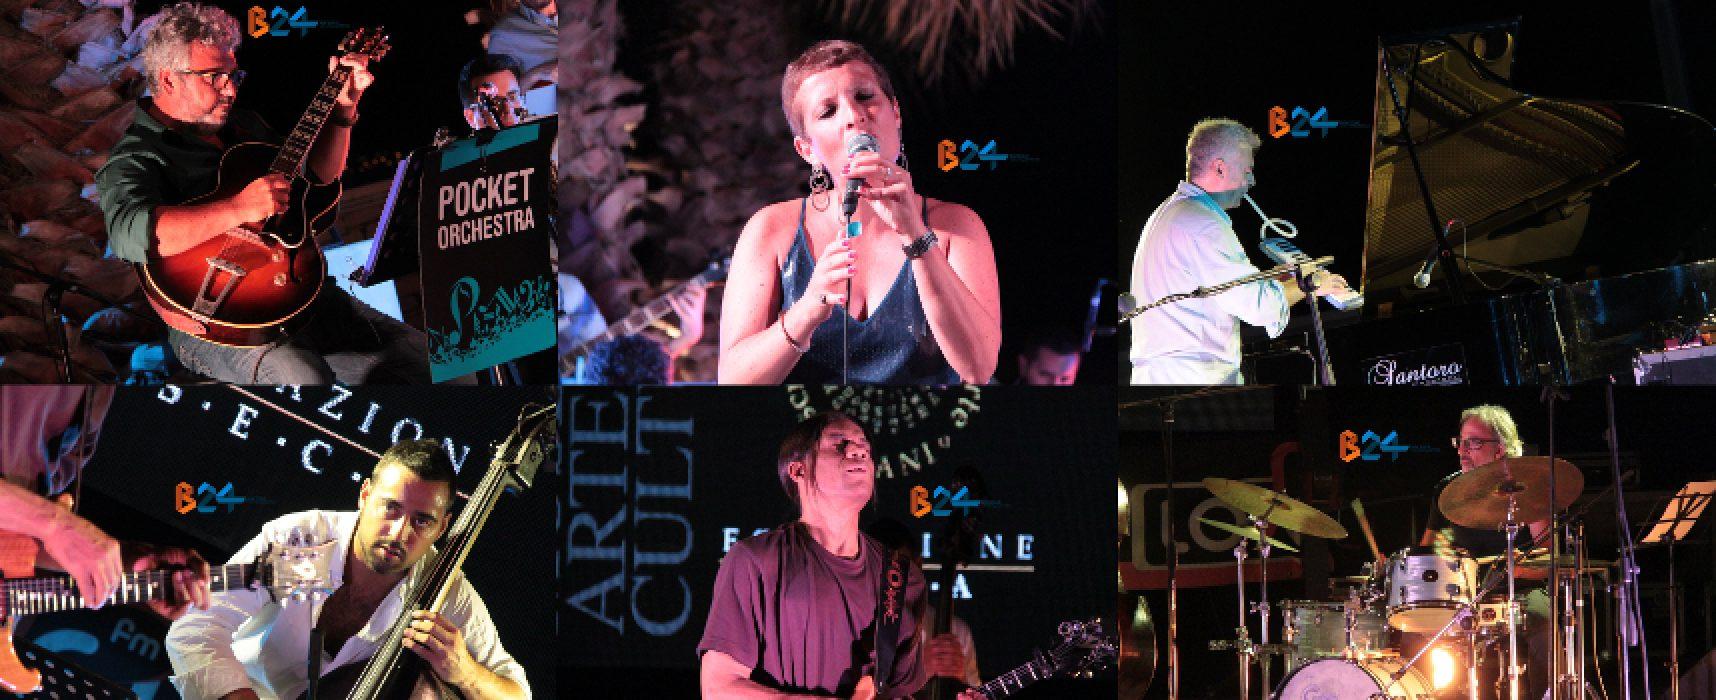 Bisceglie Jazz Festival, serata conclusiva tra le note e i ritmi di Di Leone, Morelli e Jordan / FOTO